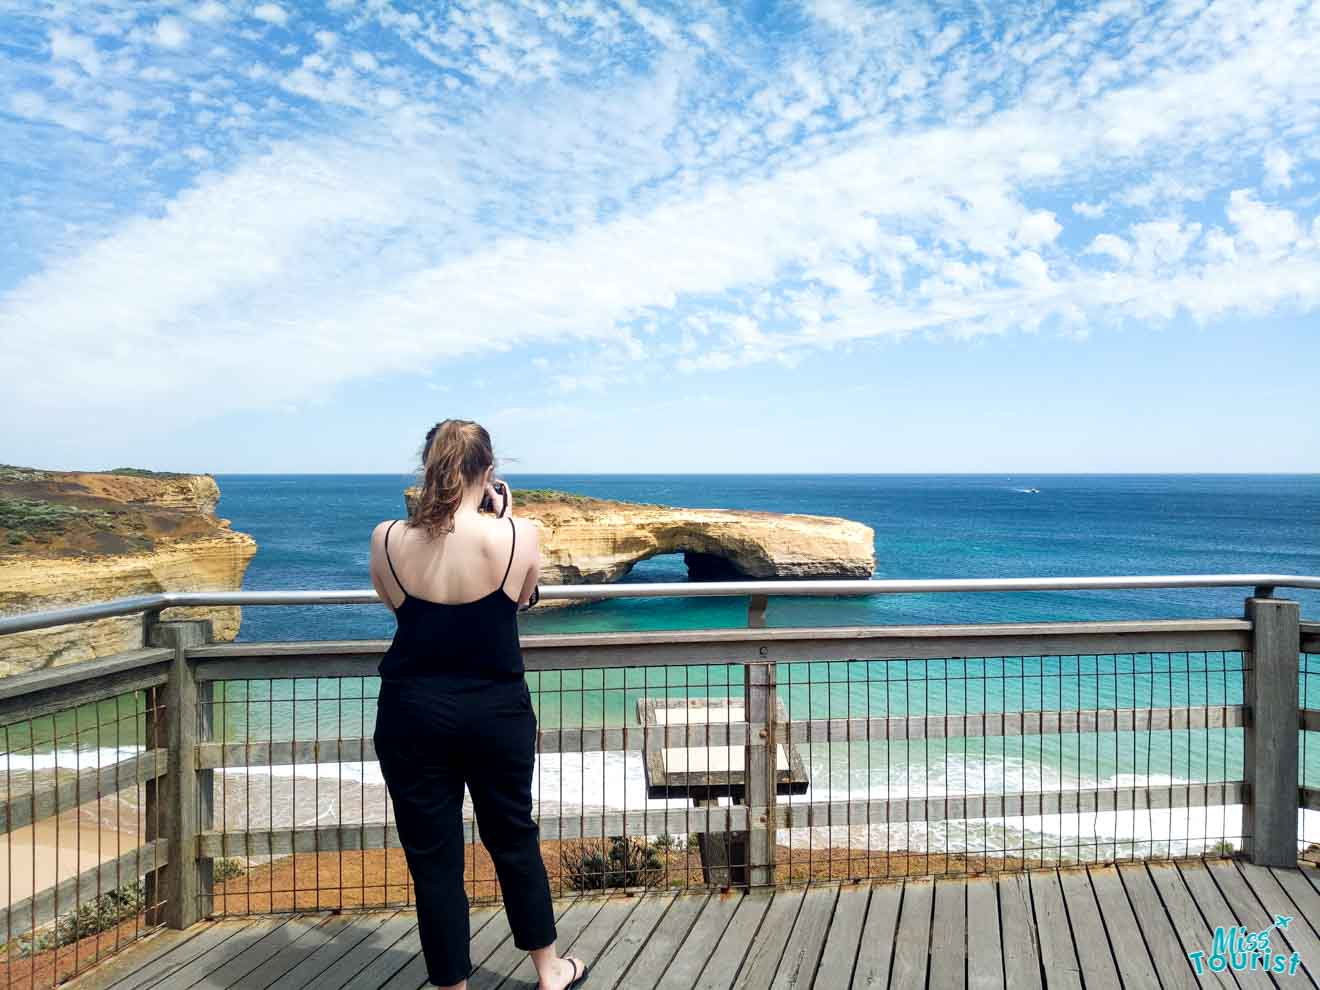 Las atracciones turísticas mejor calificadas en Melbourne